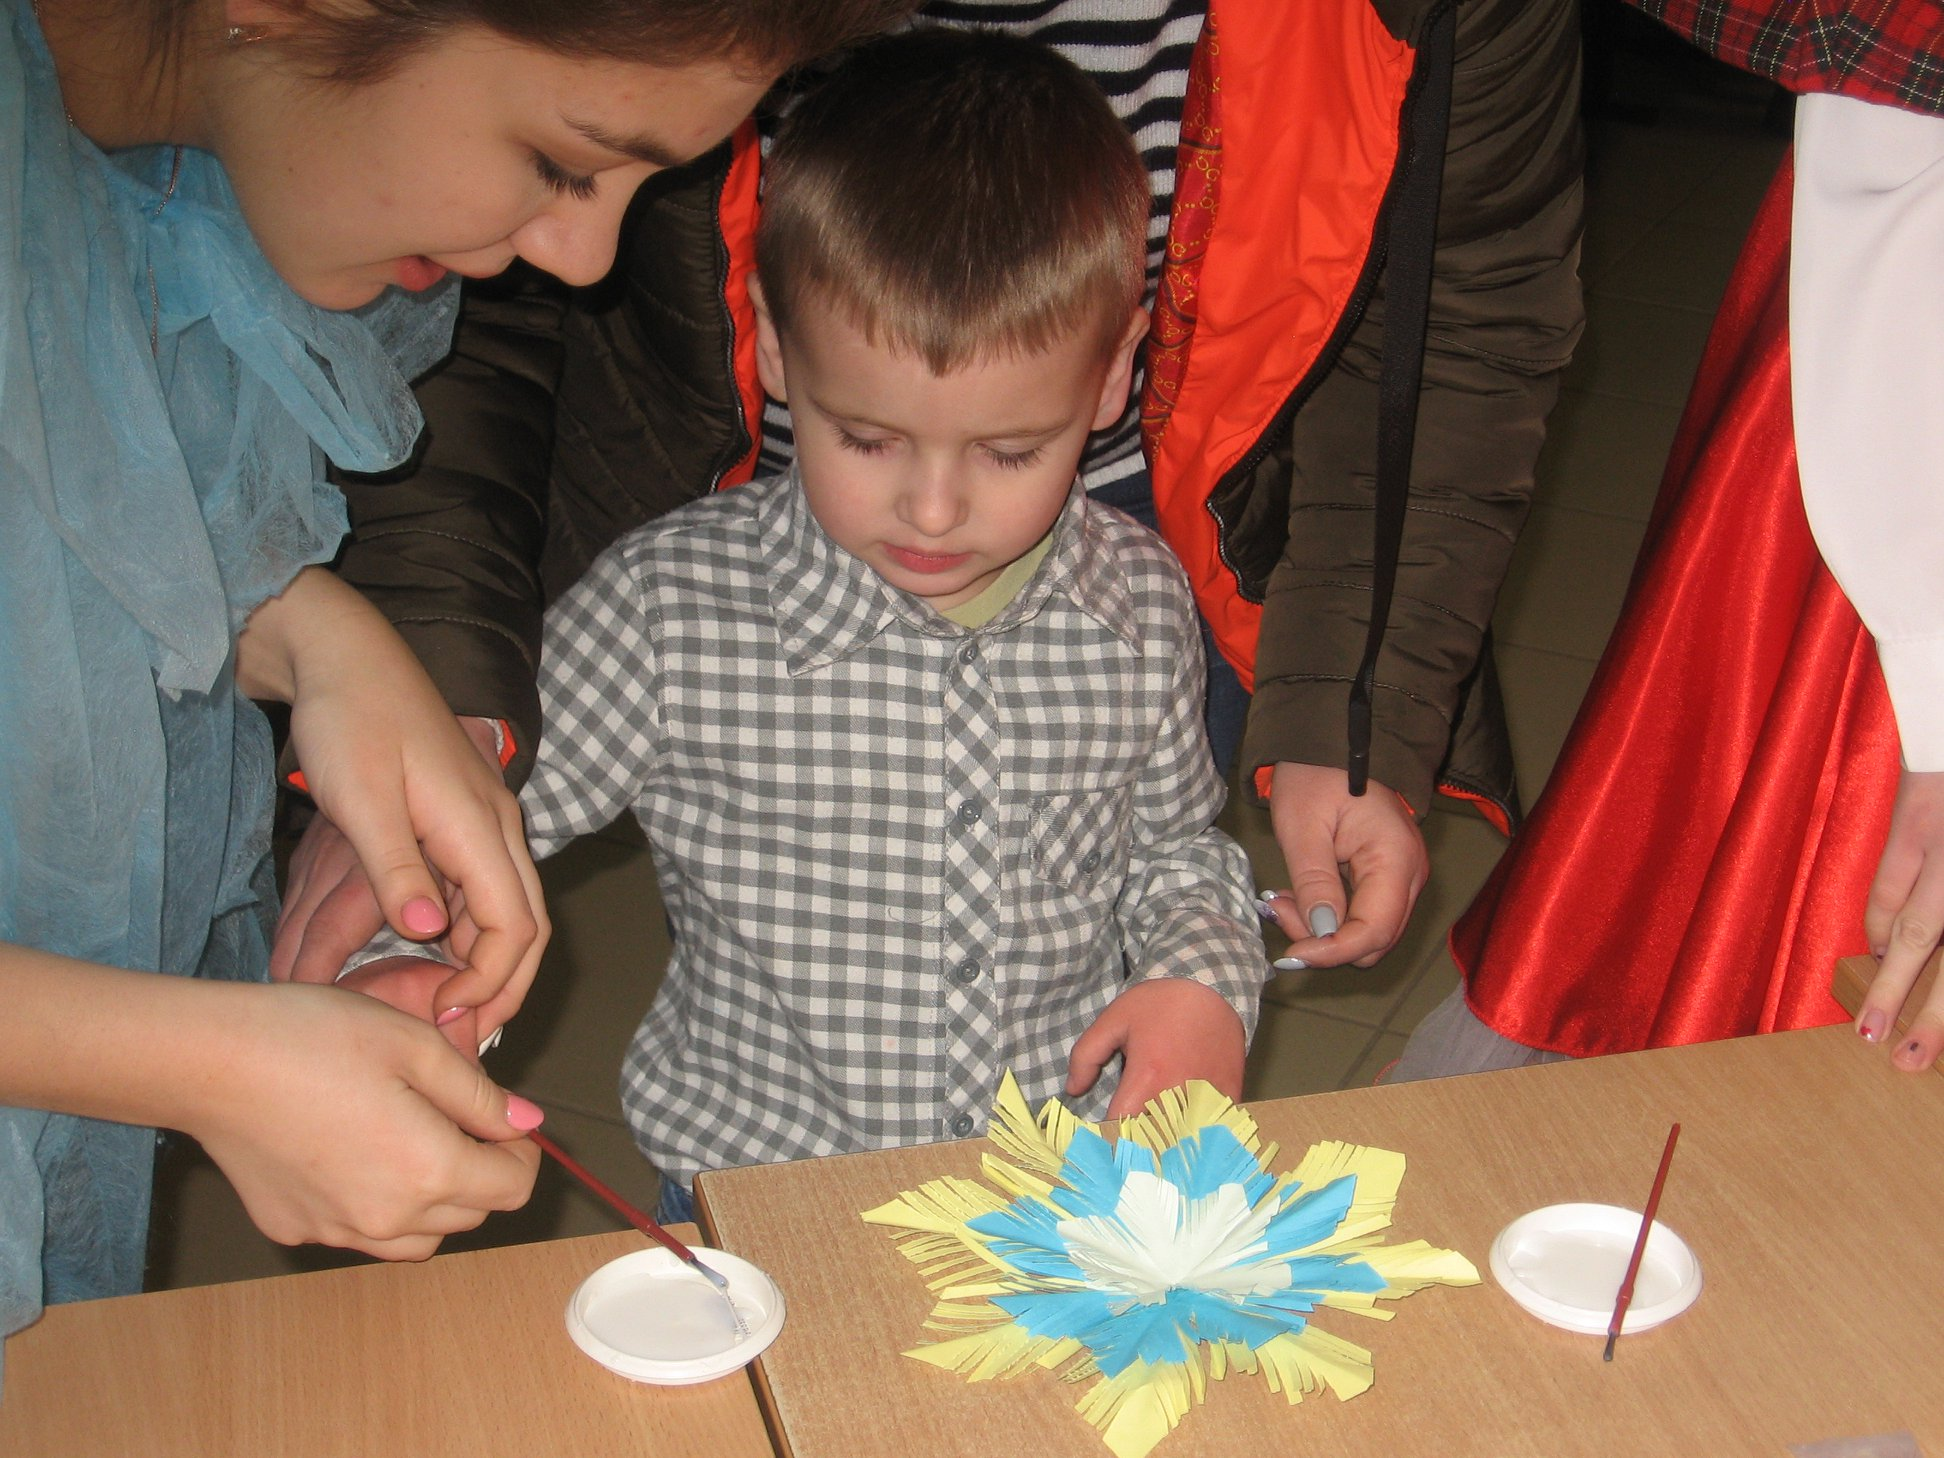 82529005_2465609560425048_5927699023380086784_o У Великій Мотовилівці на Фастівщині відбулось свято для особливих дітей